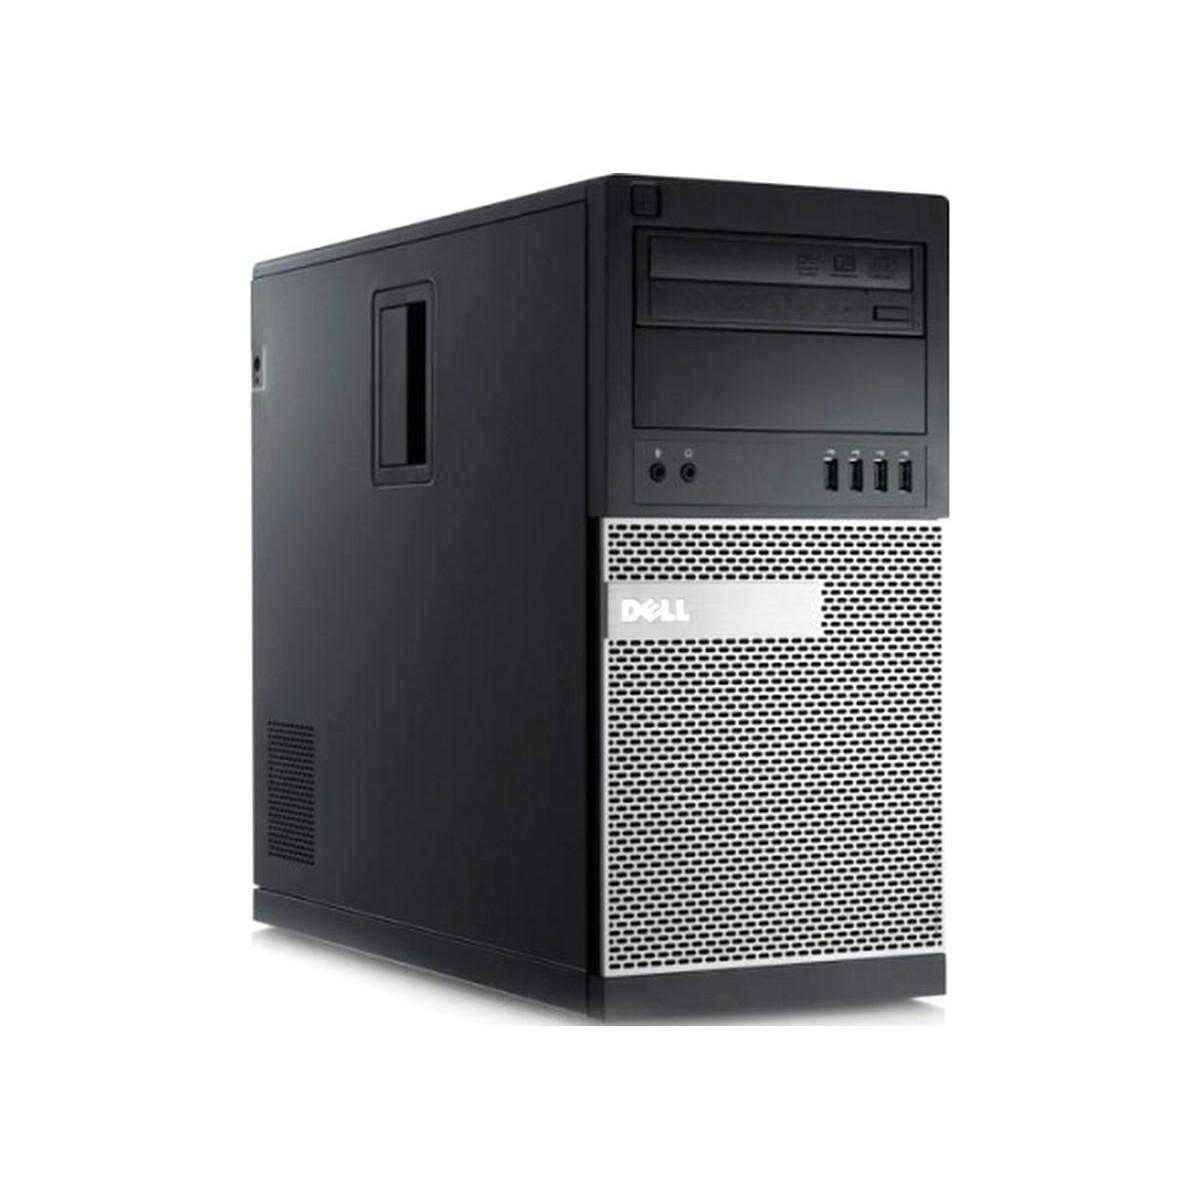 DELL 7020 MT i5-4590 8GB 1TB SSD 500GB HDD W10 PR